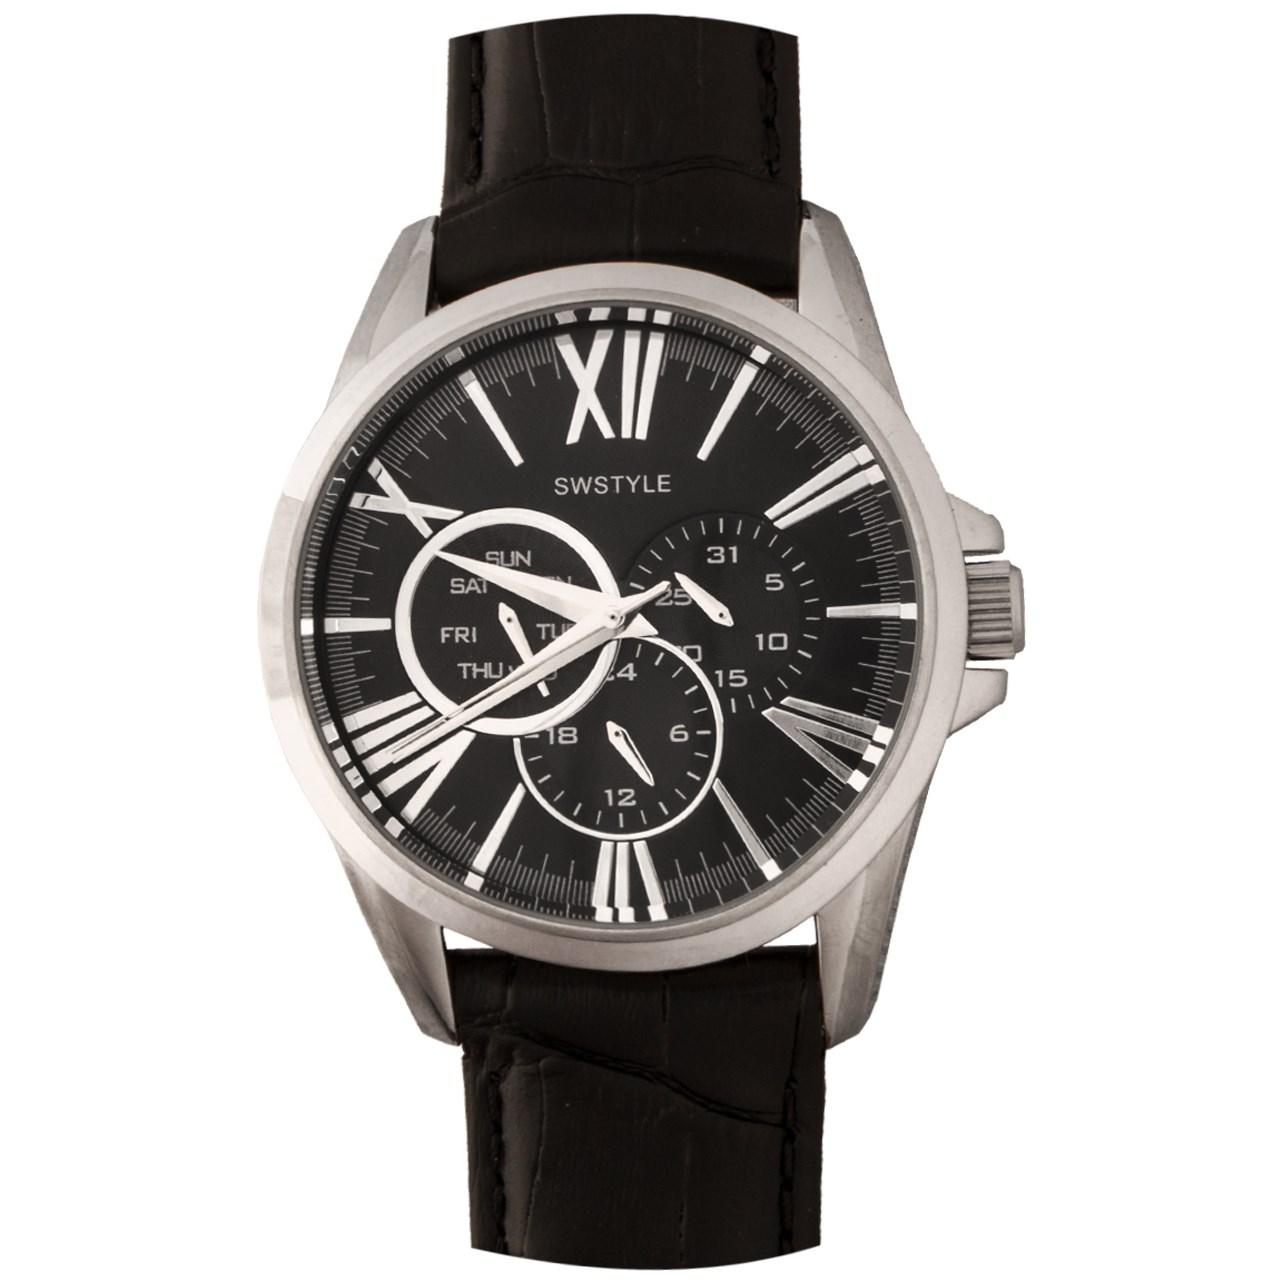 ساعت مچی عقربه ای مردانه سوییستایل مدل 1042